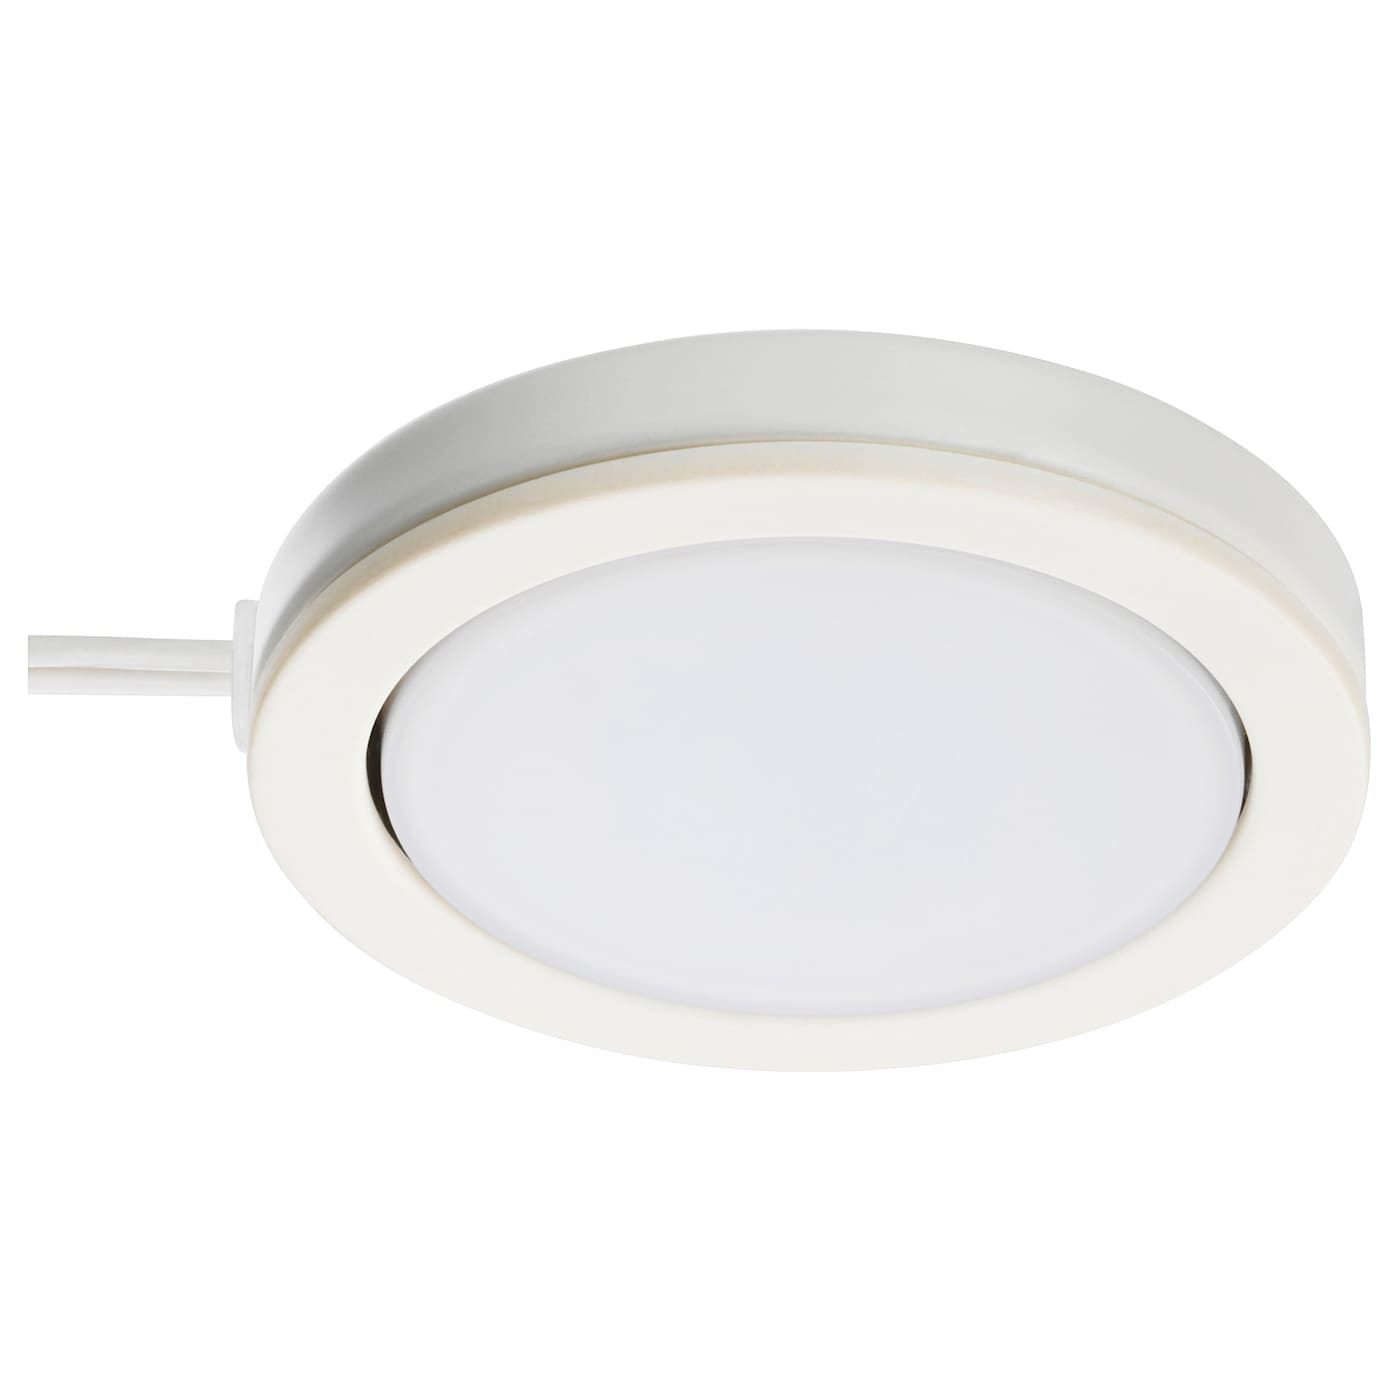 Merveilleux OMLOPP   LED Spotlight, White